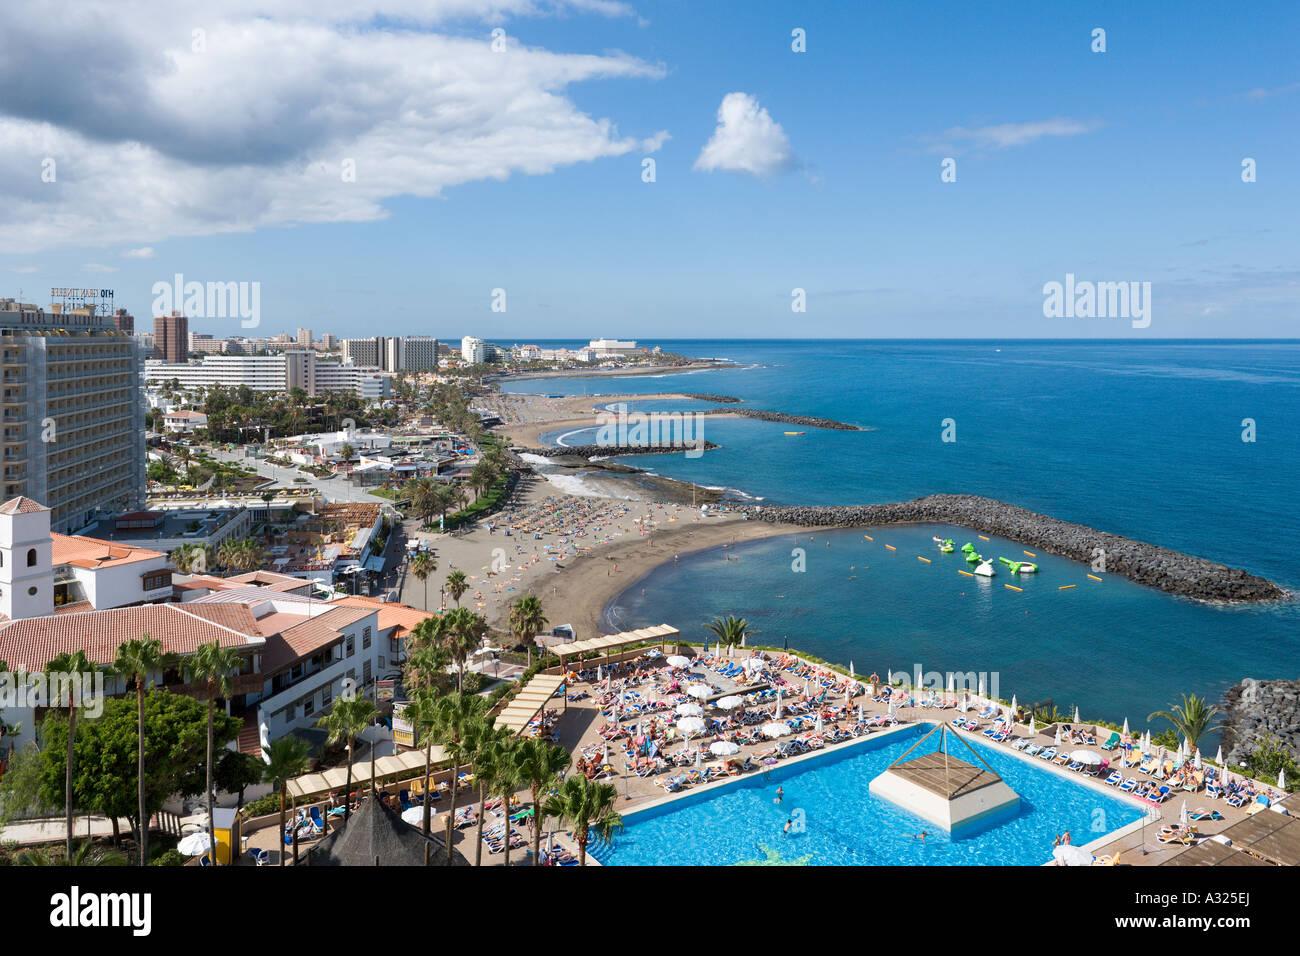 Vista hacia el sur desde el Hotel Iberostar Bouganville Playa, Playa de las Americas, Tenerife, Islas Canarias, Imagen De Stock